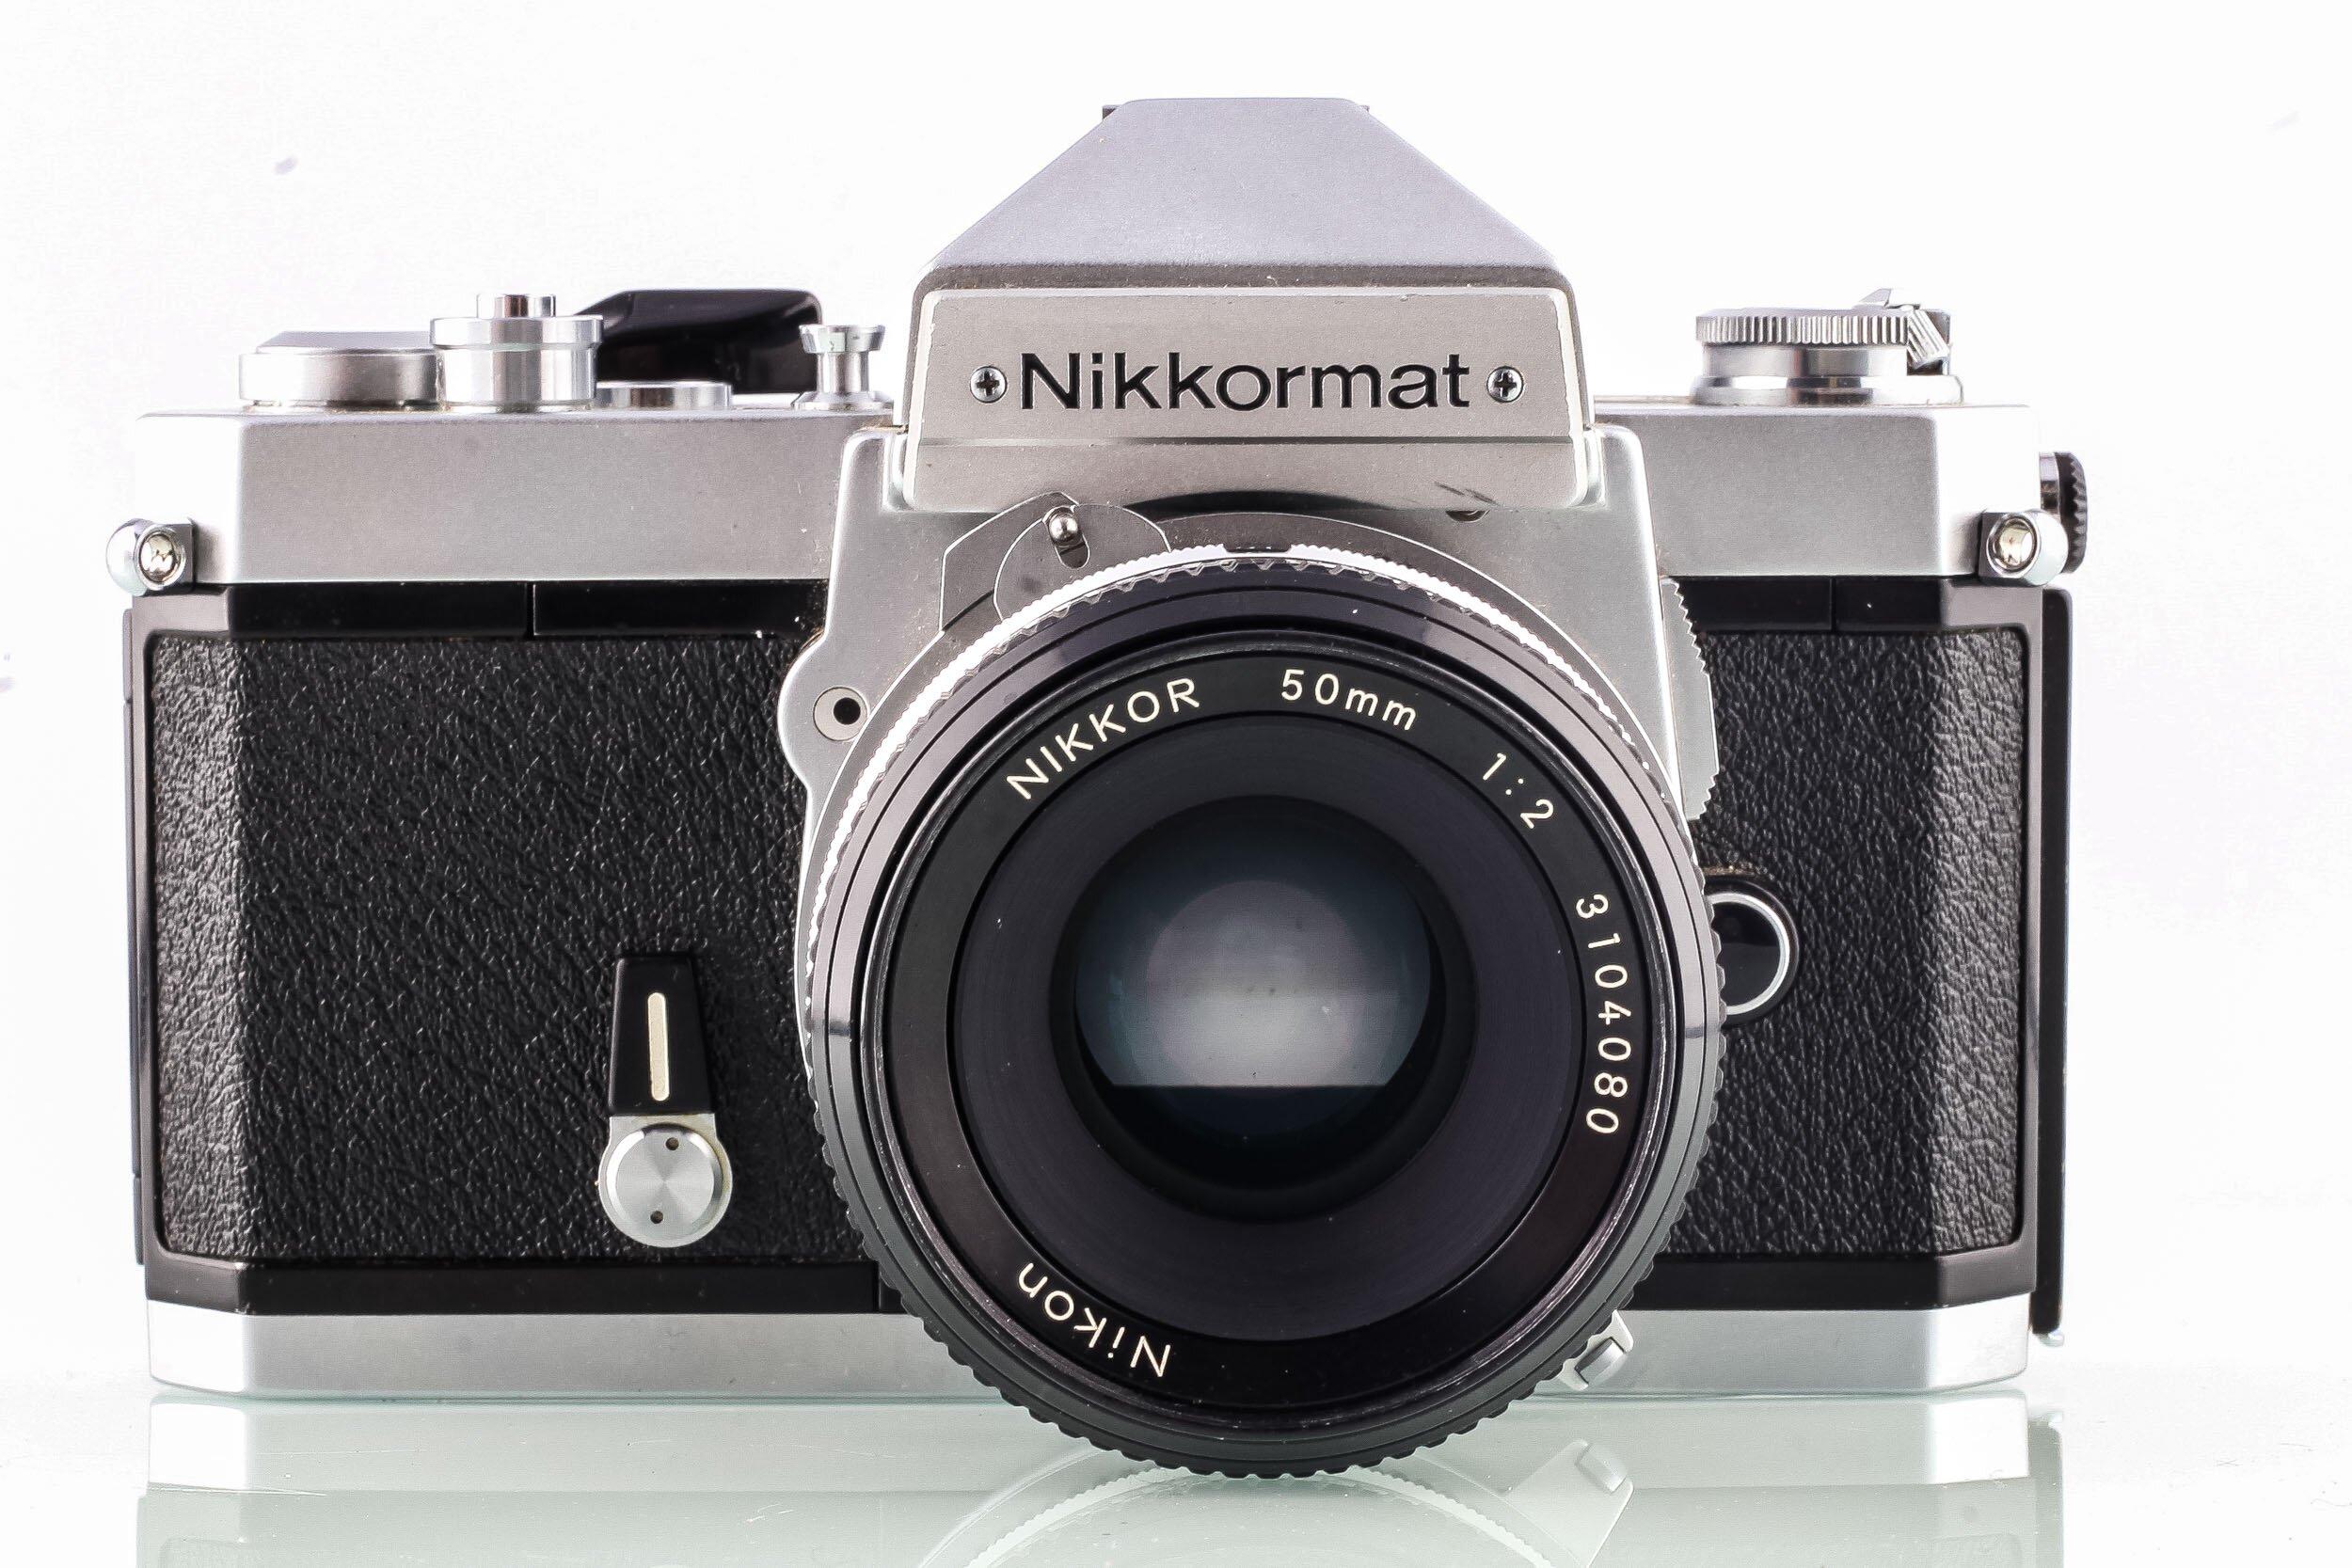 Nikkormat FT2 Nikkor 50mm 2